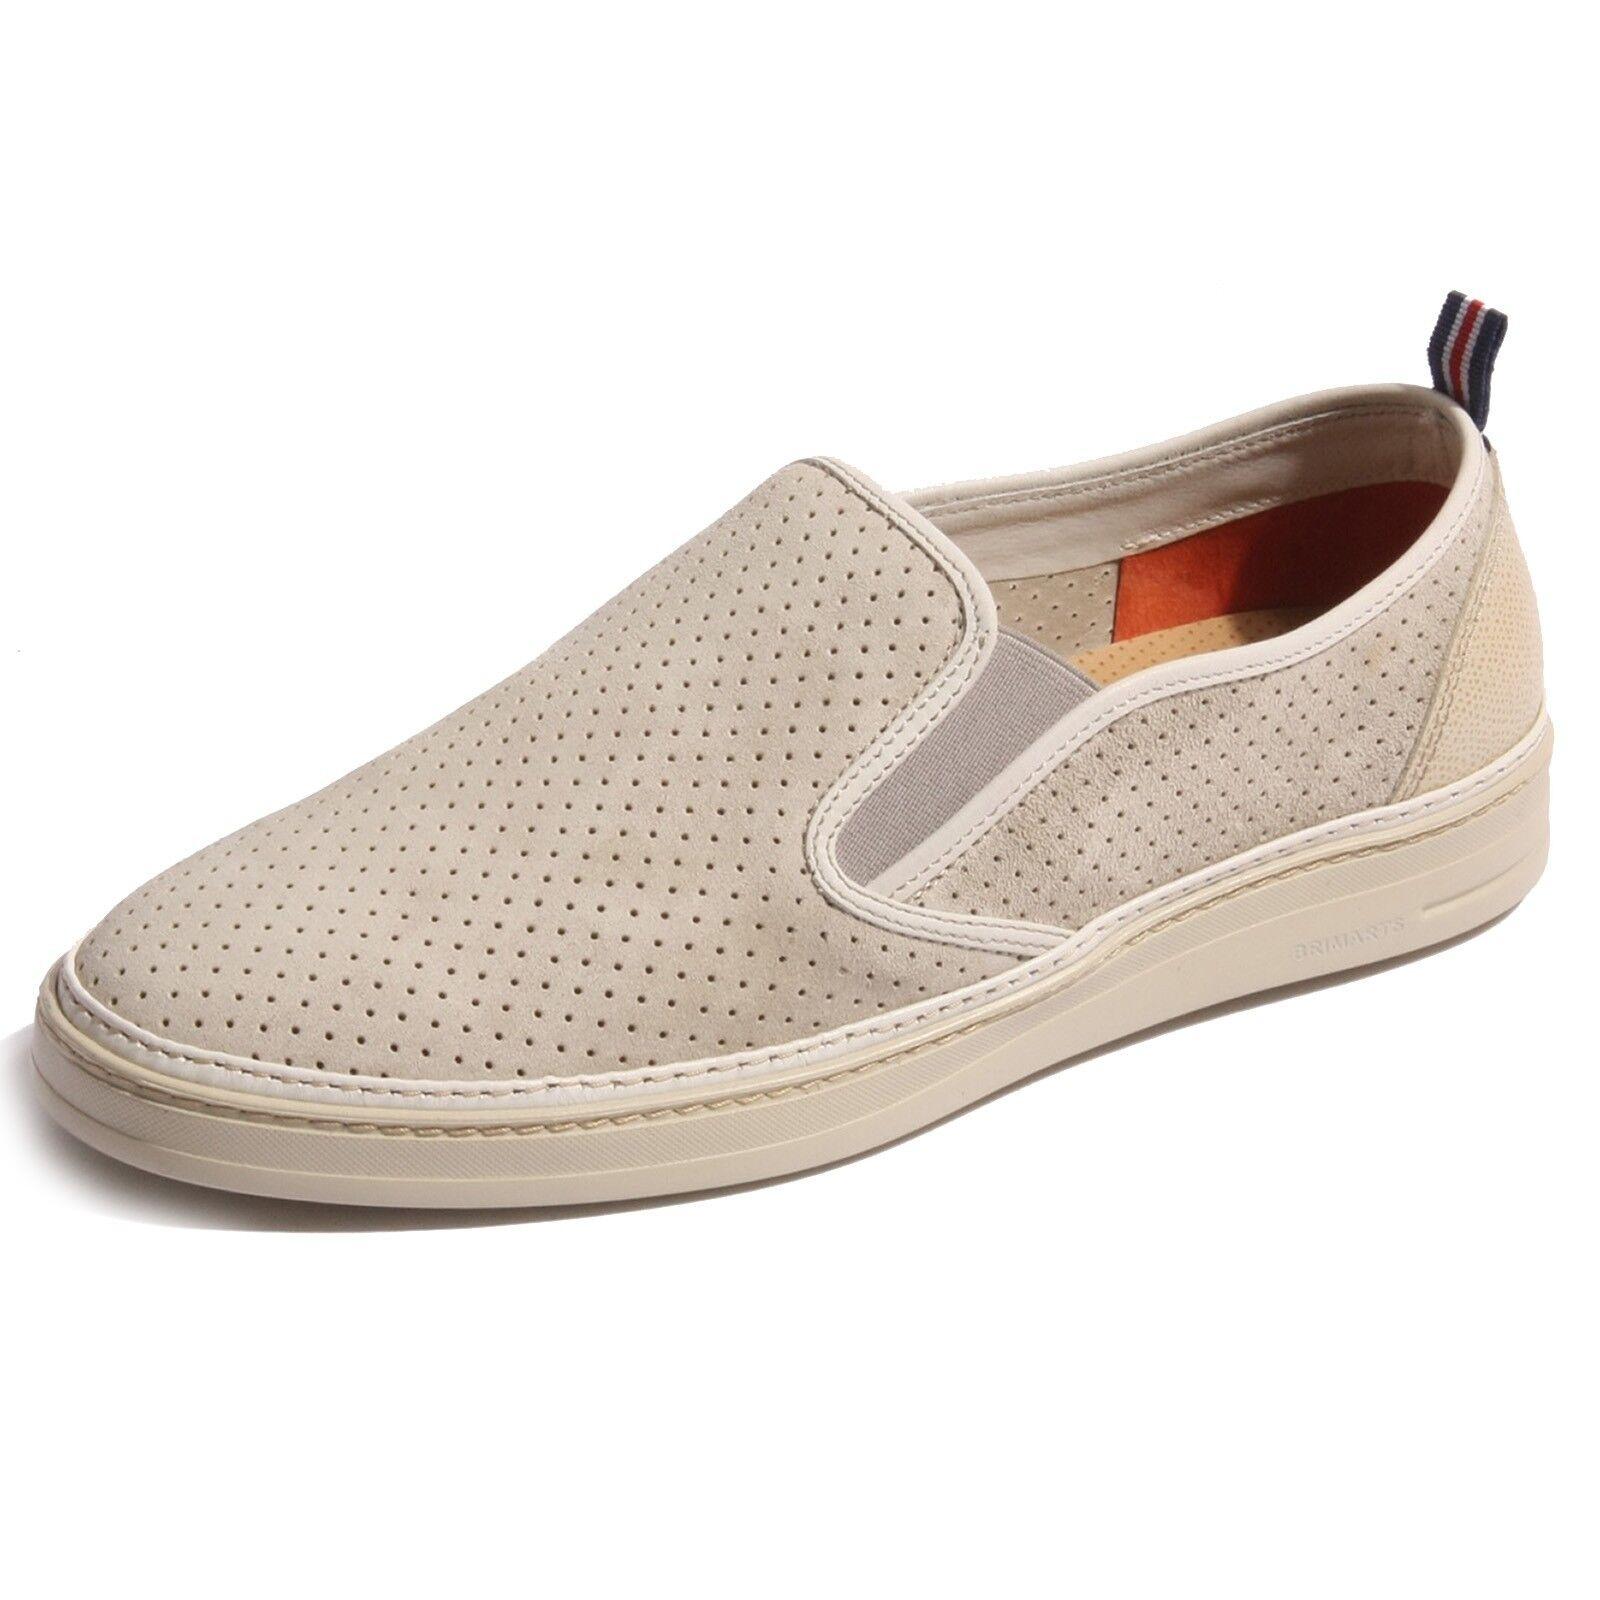 B0282 sneaker Hombre BRIMARTS HIMALAYA men ghiaccio/grigio slip-on Zapatos men HIMALAYA a20a16